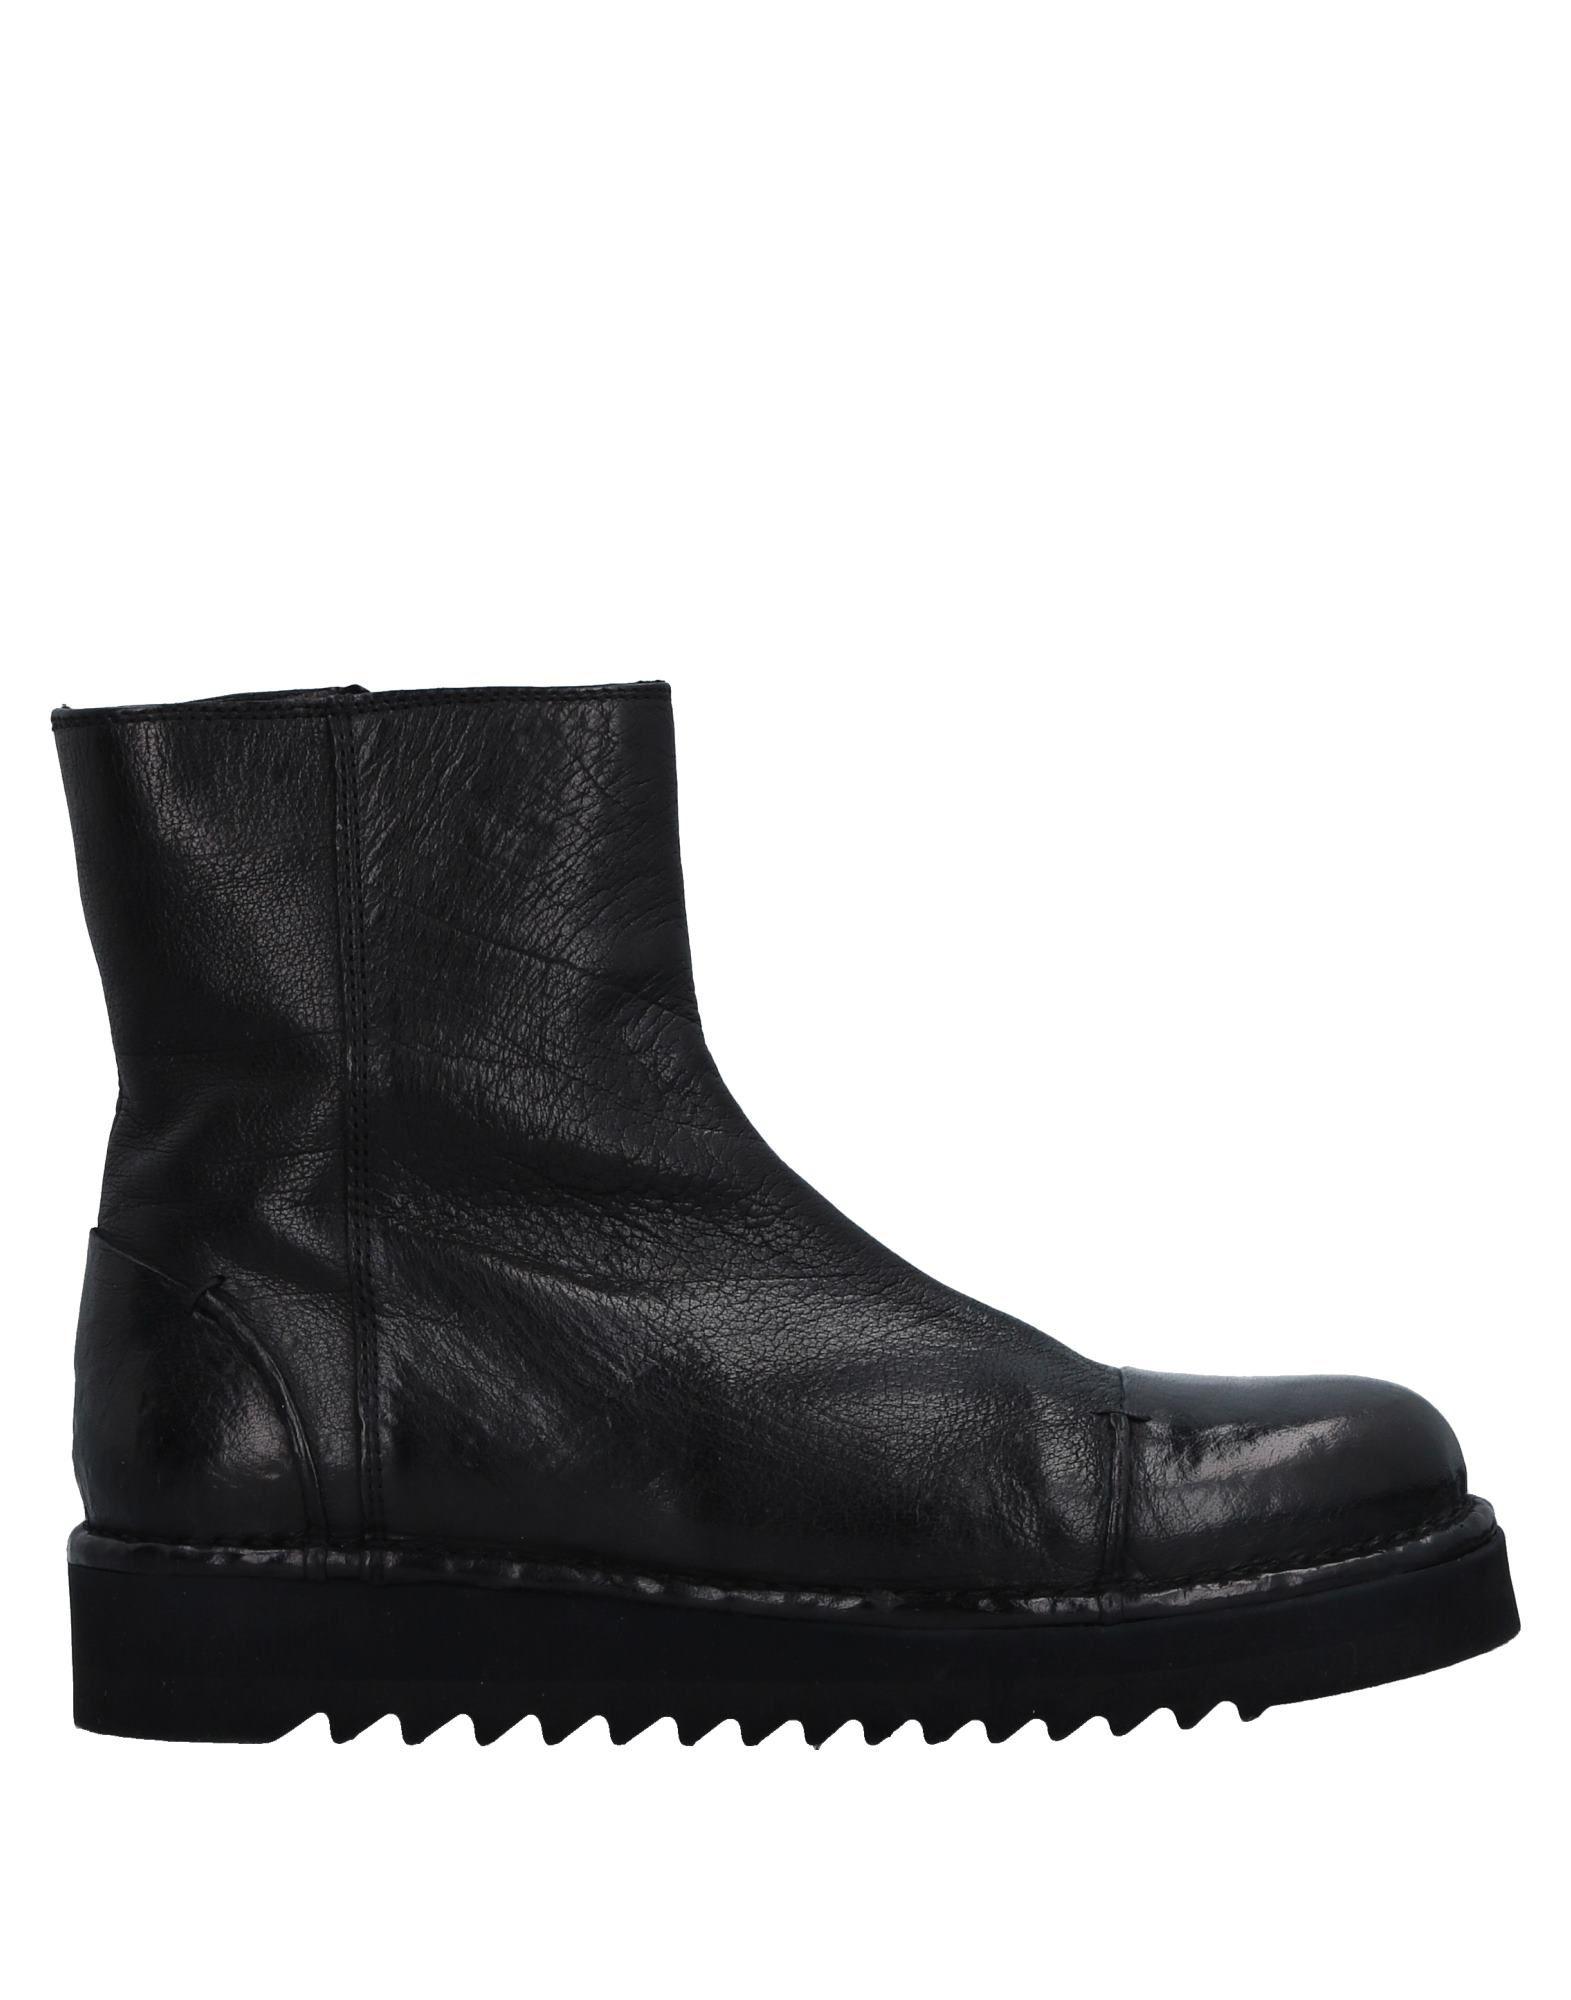 Bottine Open Closed  Shoes Femme - Bottines Open Closed  Shoes Noir Chaussures femme pas cher homme et femme